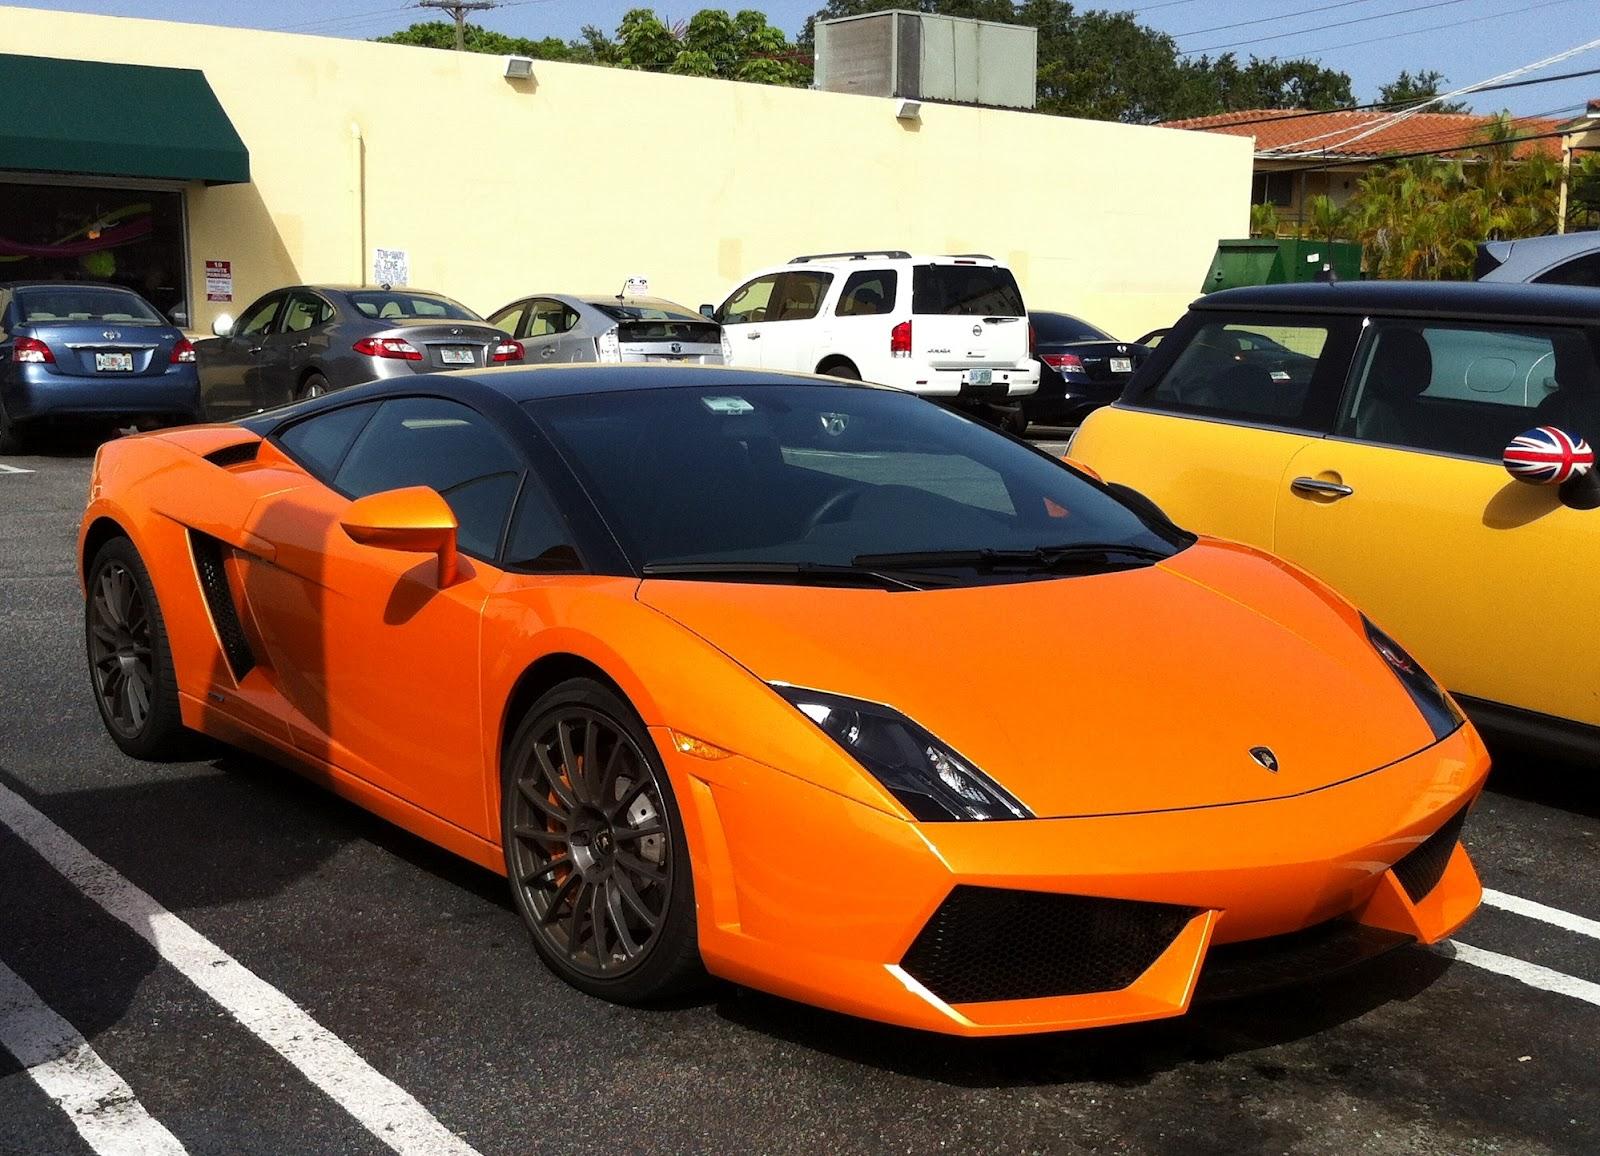 Orange Black Lamborghini Gallardo With Black Roof Black Rims